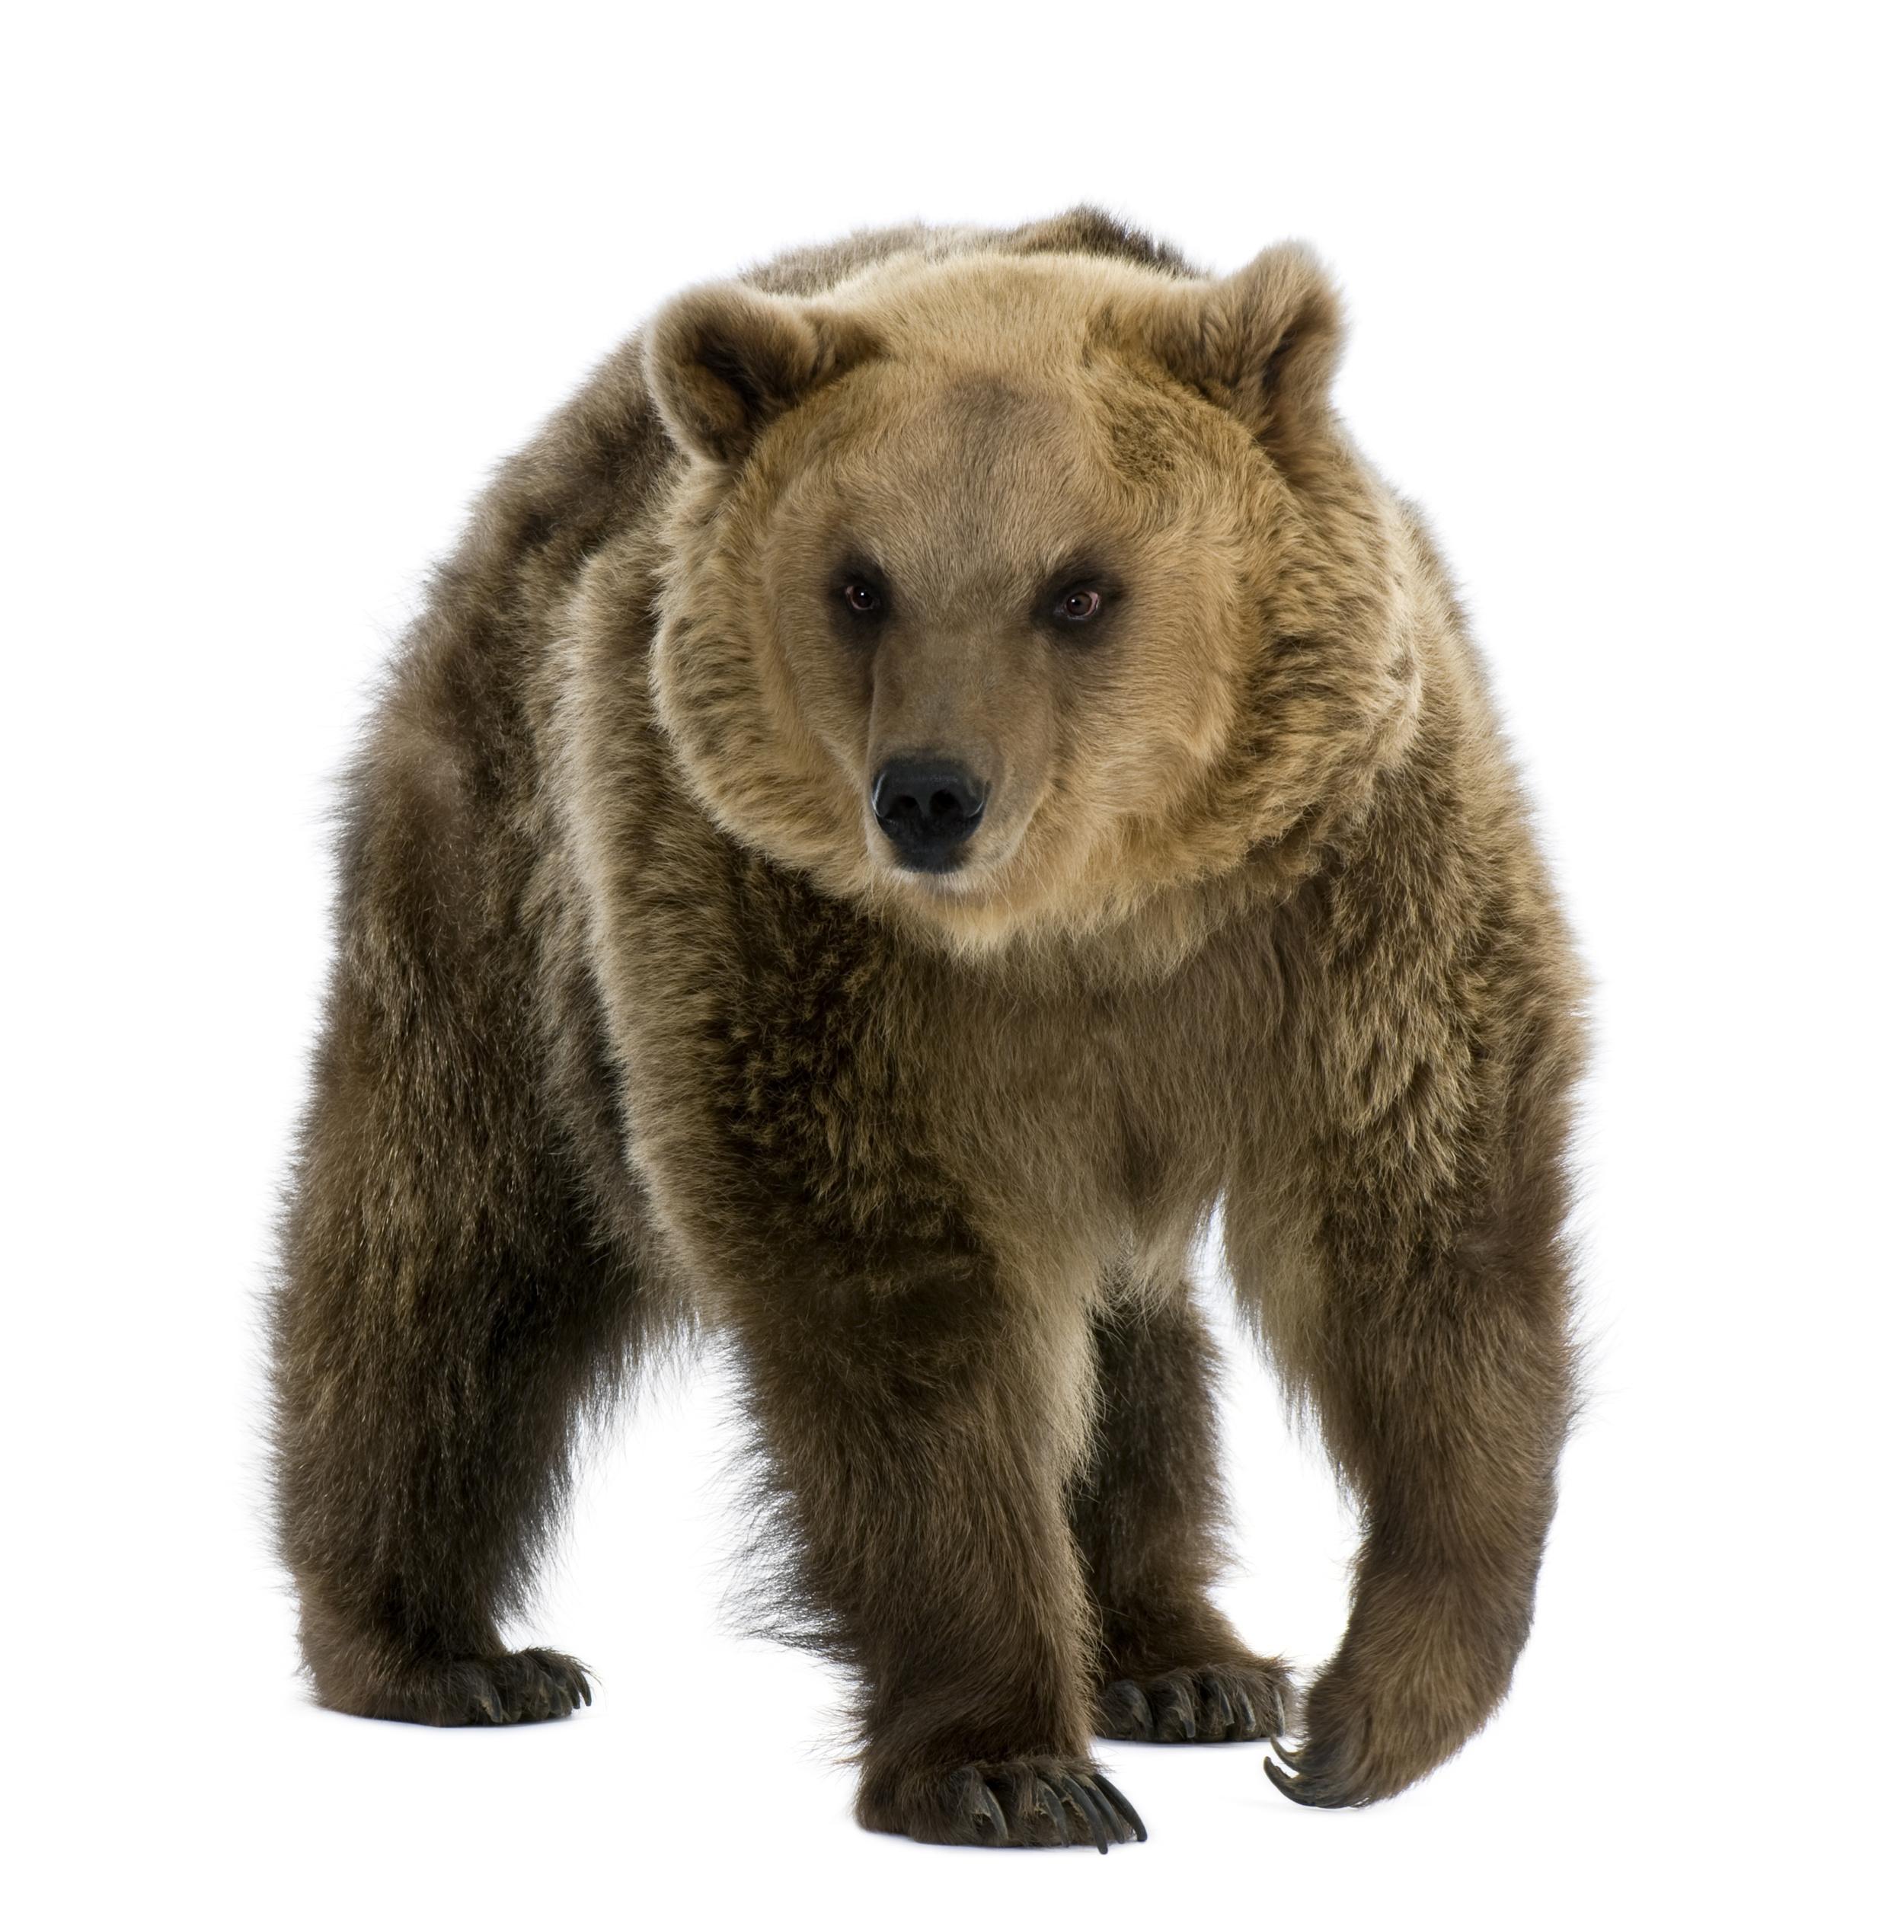 Animal Wallpaper Bear More Photos